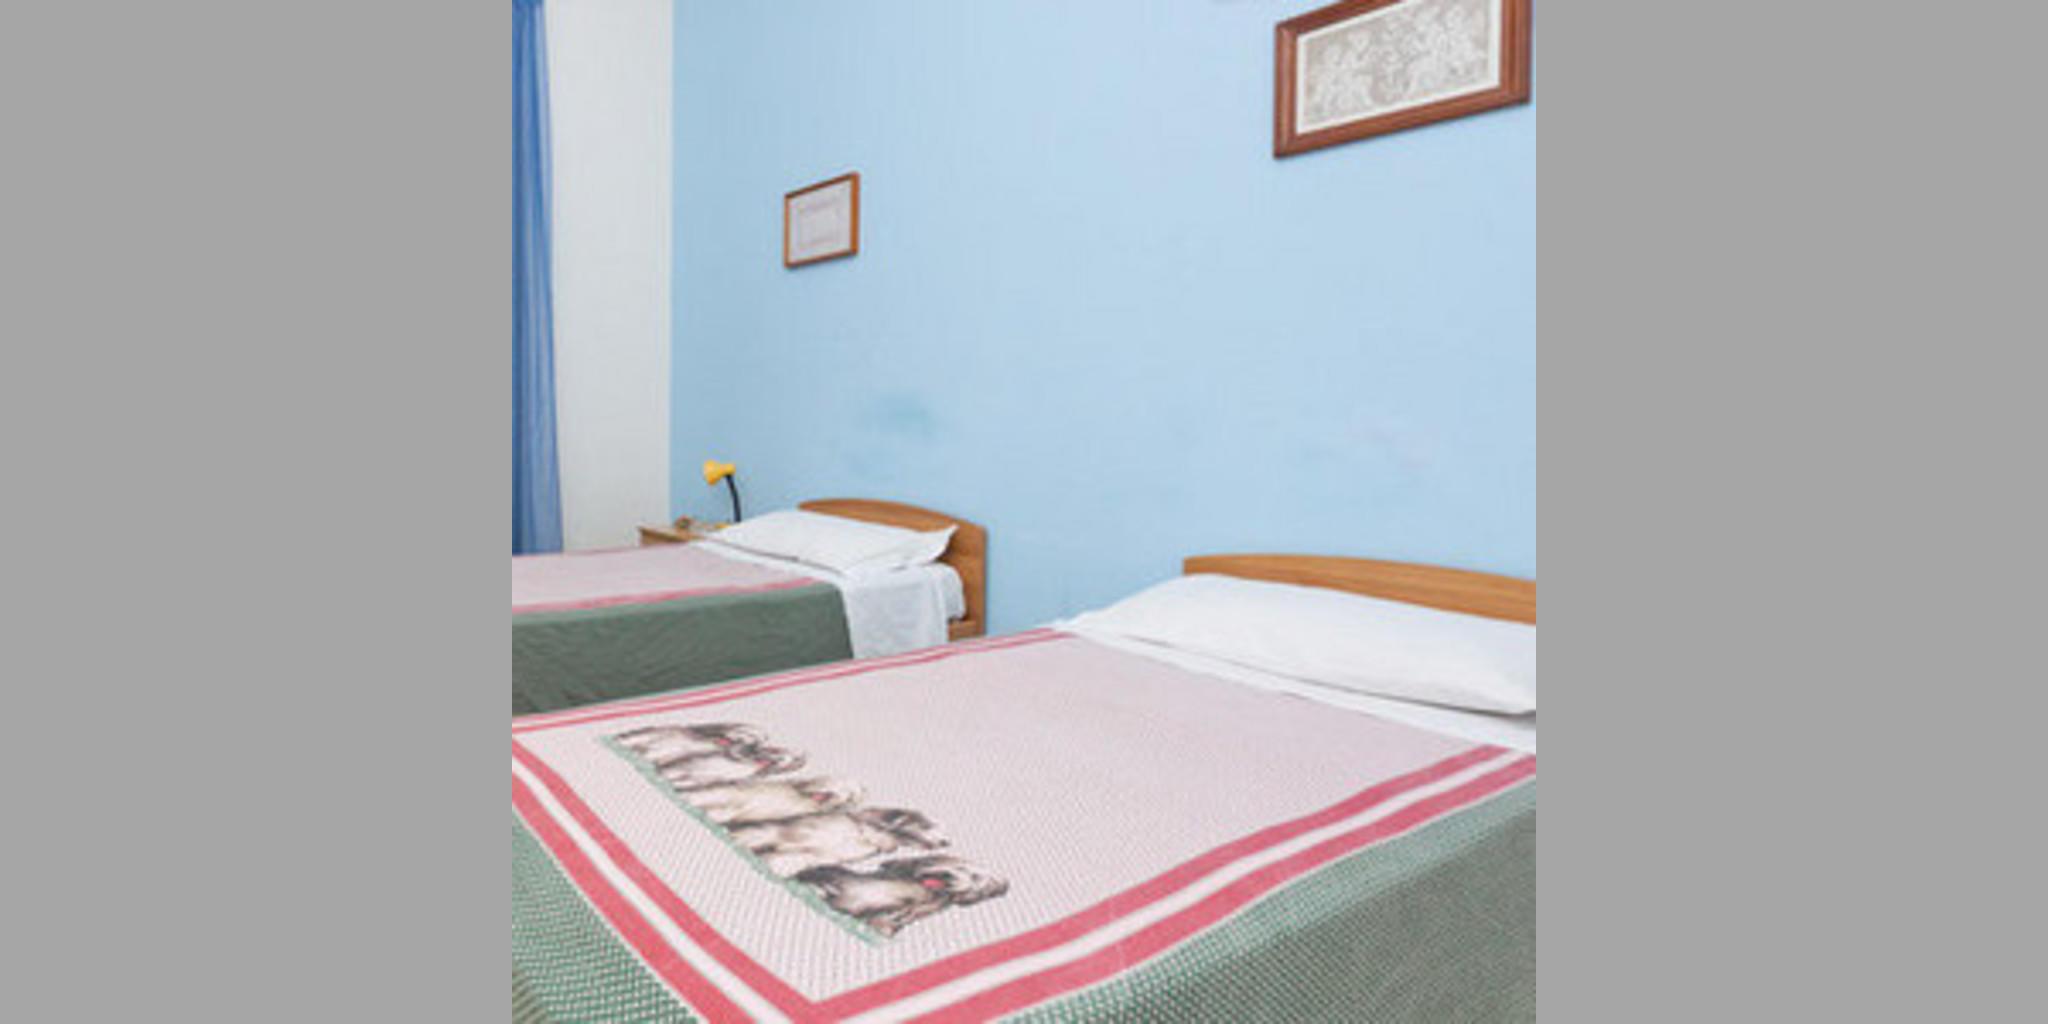 Guest House Palermo - Palermo_Santa Cecilia